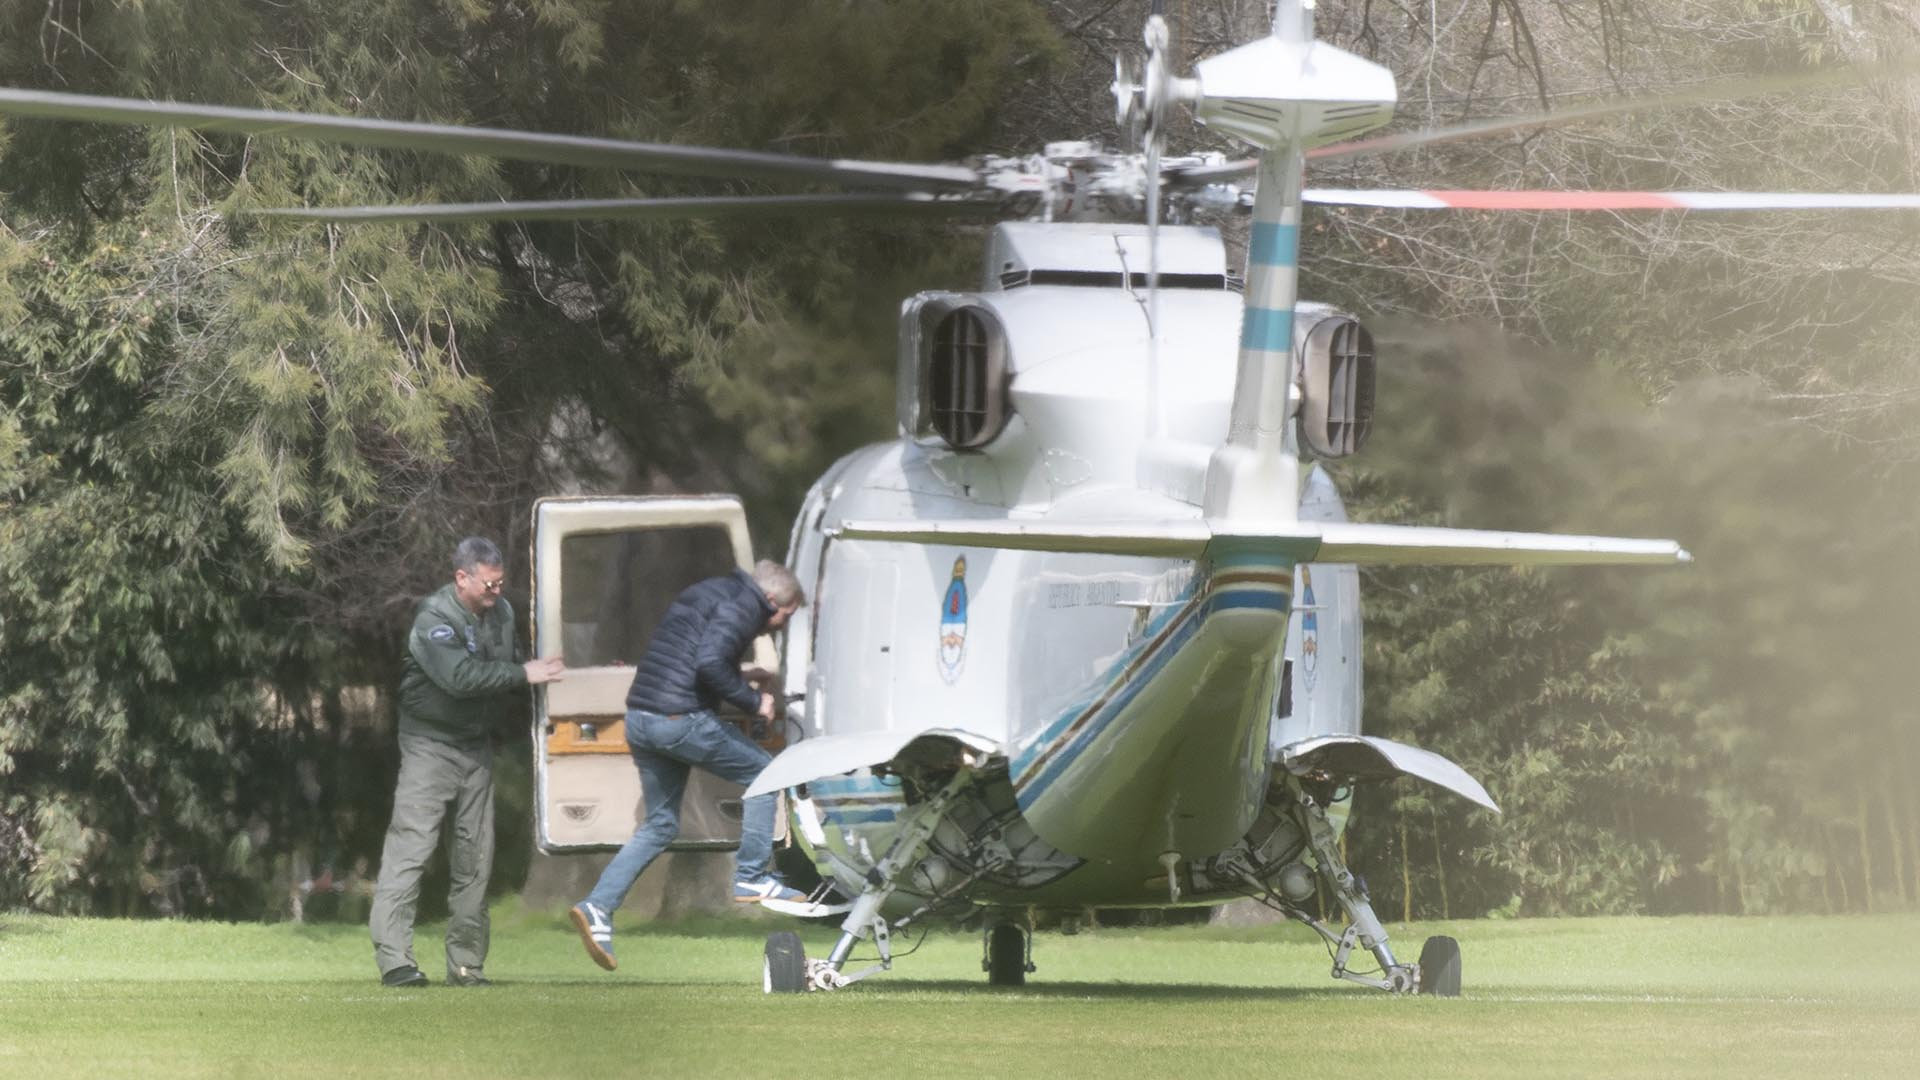 El ministro del Interior, Rogelio Frigerio, se retiró de Los Abrojos en el helicóptero presidencial